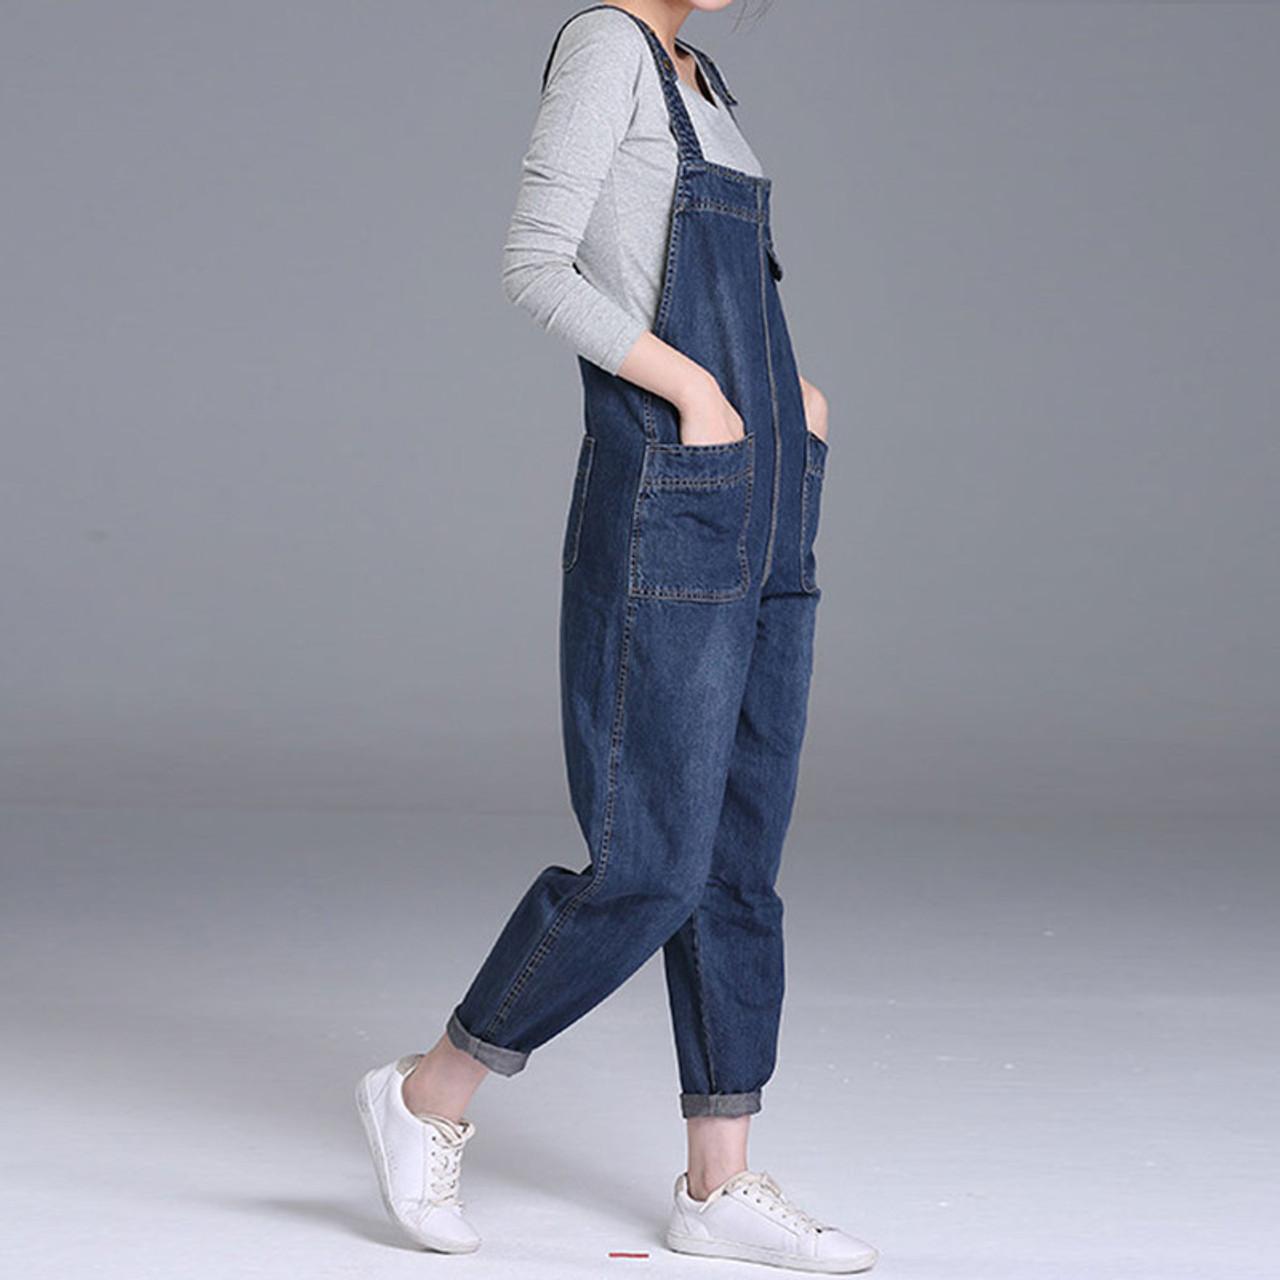 b53af998821 ... Plus Size 4XL 5XL Boyfriend Jeans For Women Pockets Denim Jumpsuits  Long Pants Women Harem Jeans ...